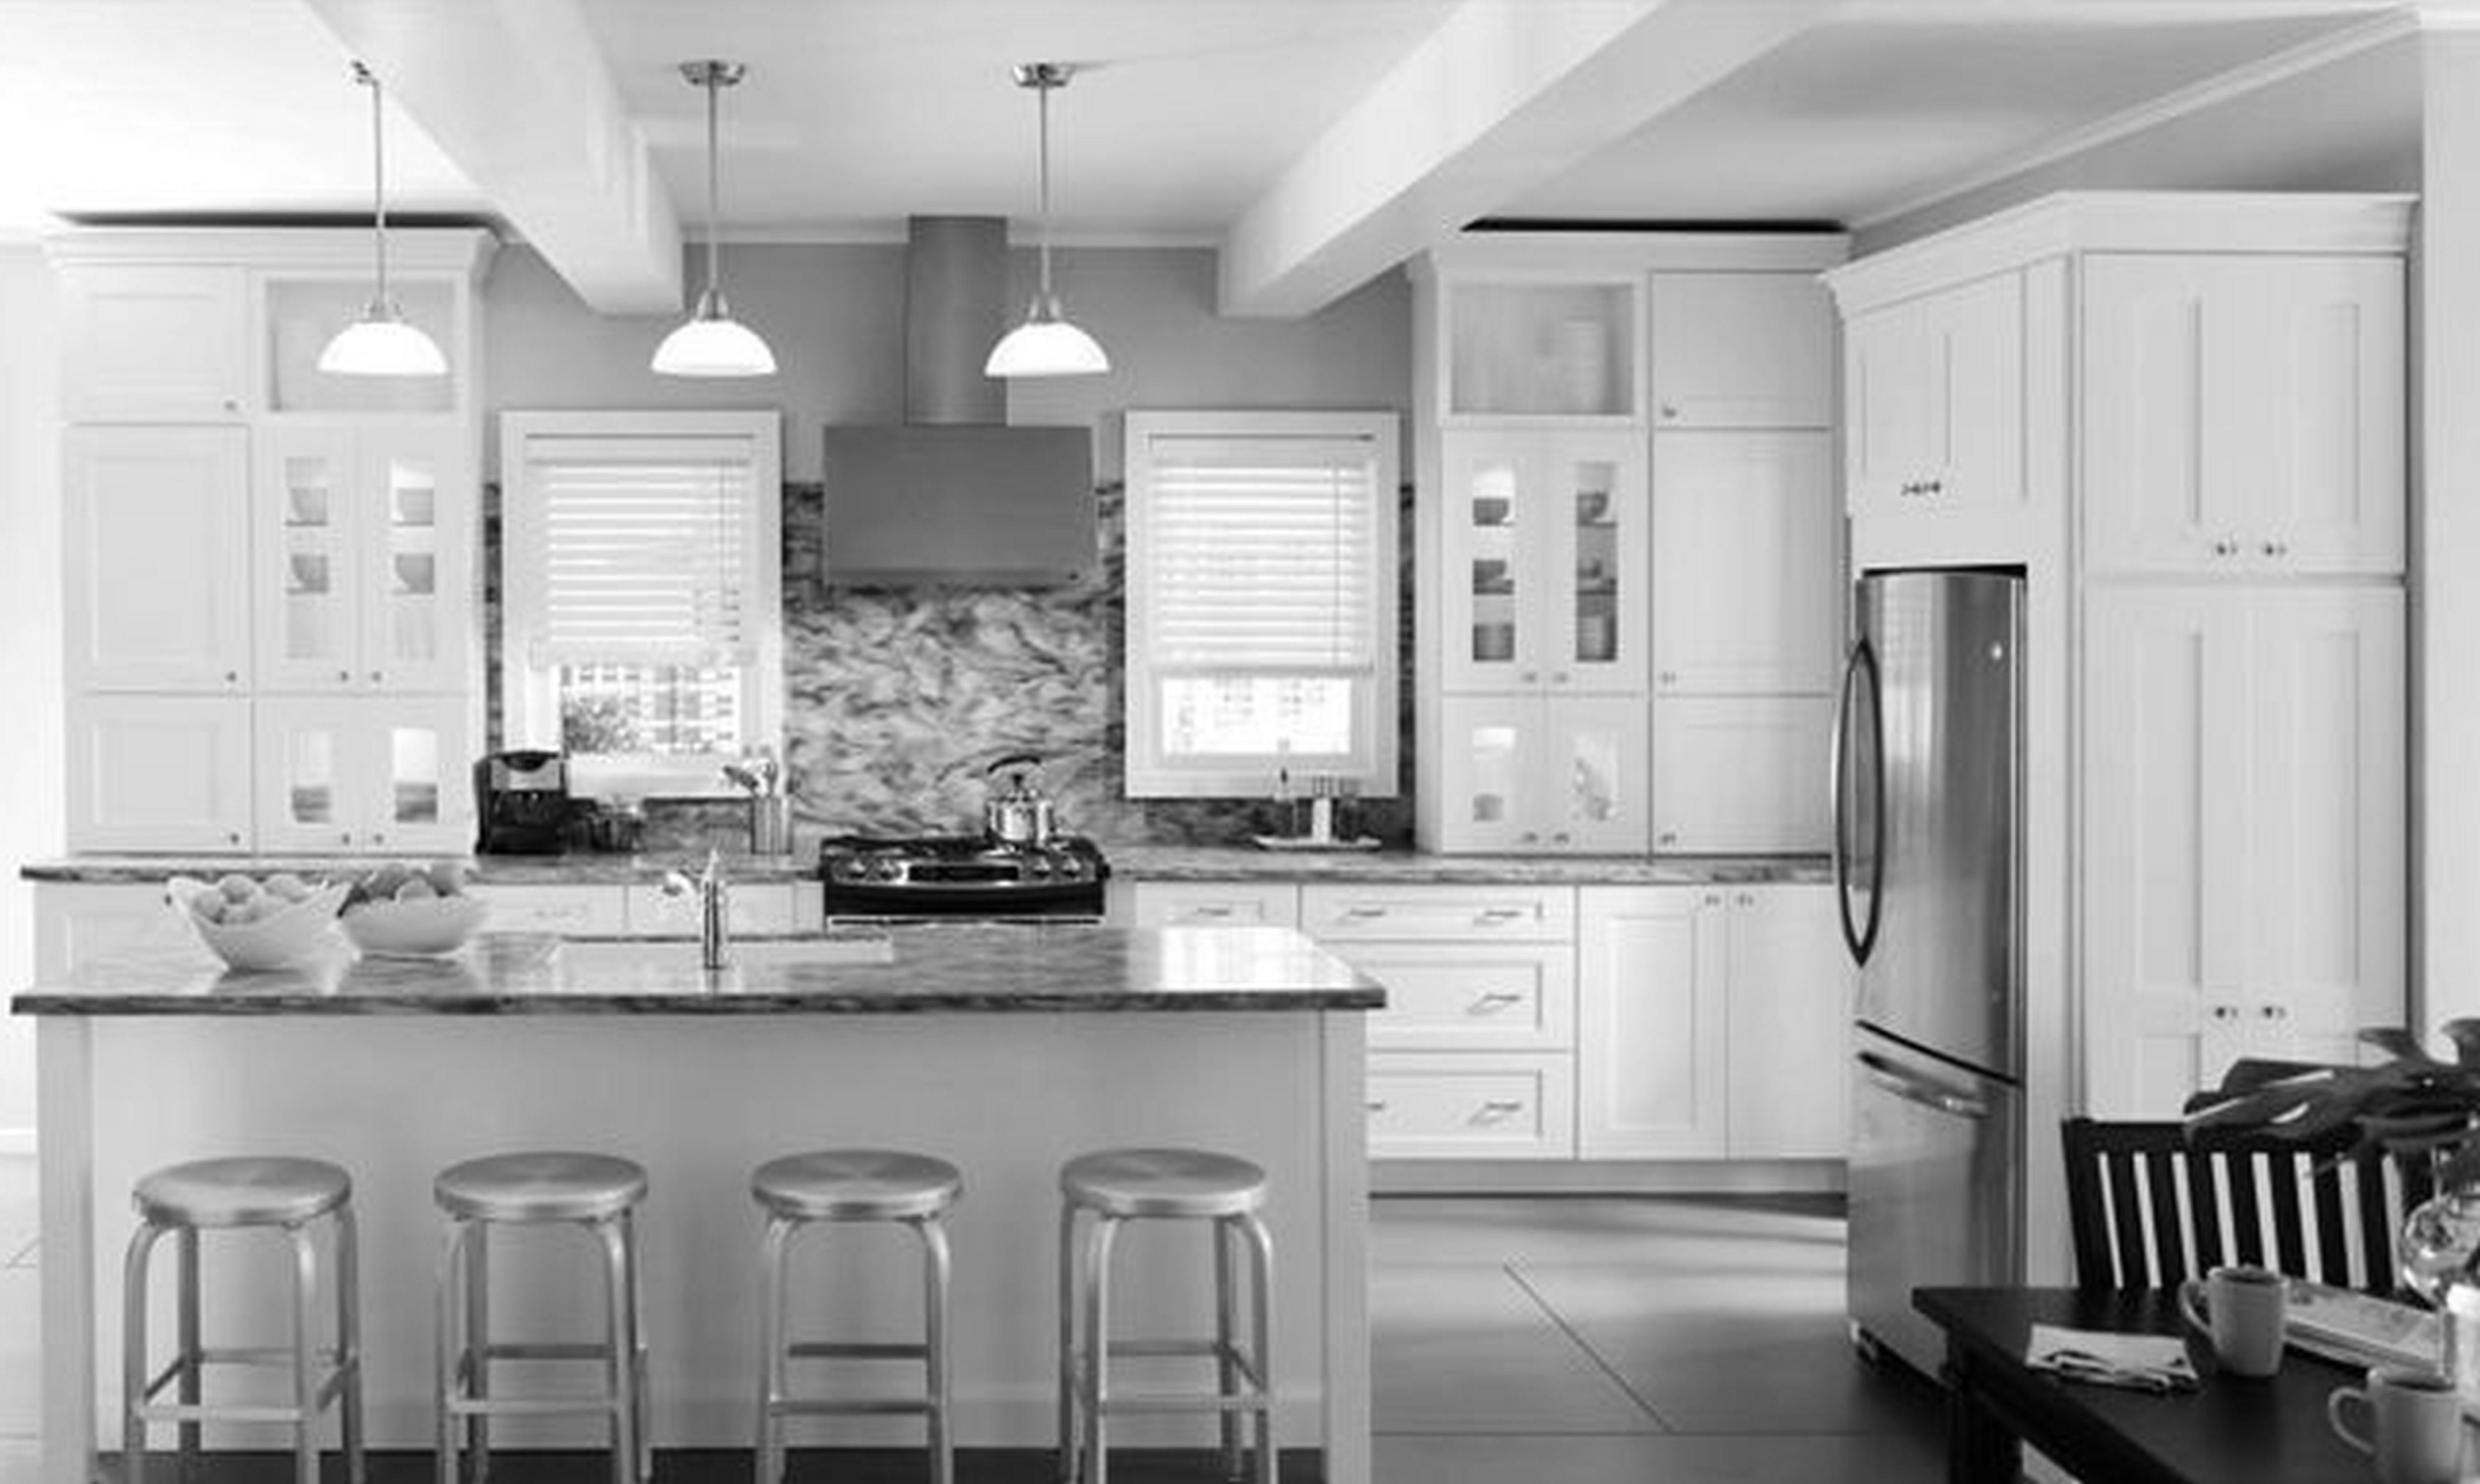 Unglaubliche Küche Design Tool Home Depot Küchen Es ist gut, mutig ...